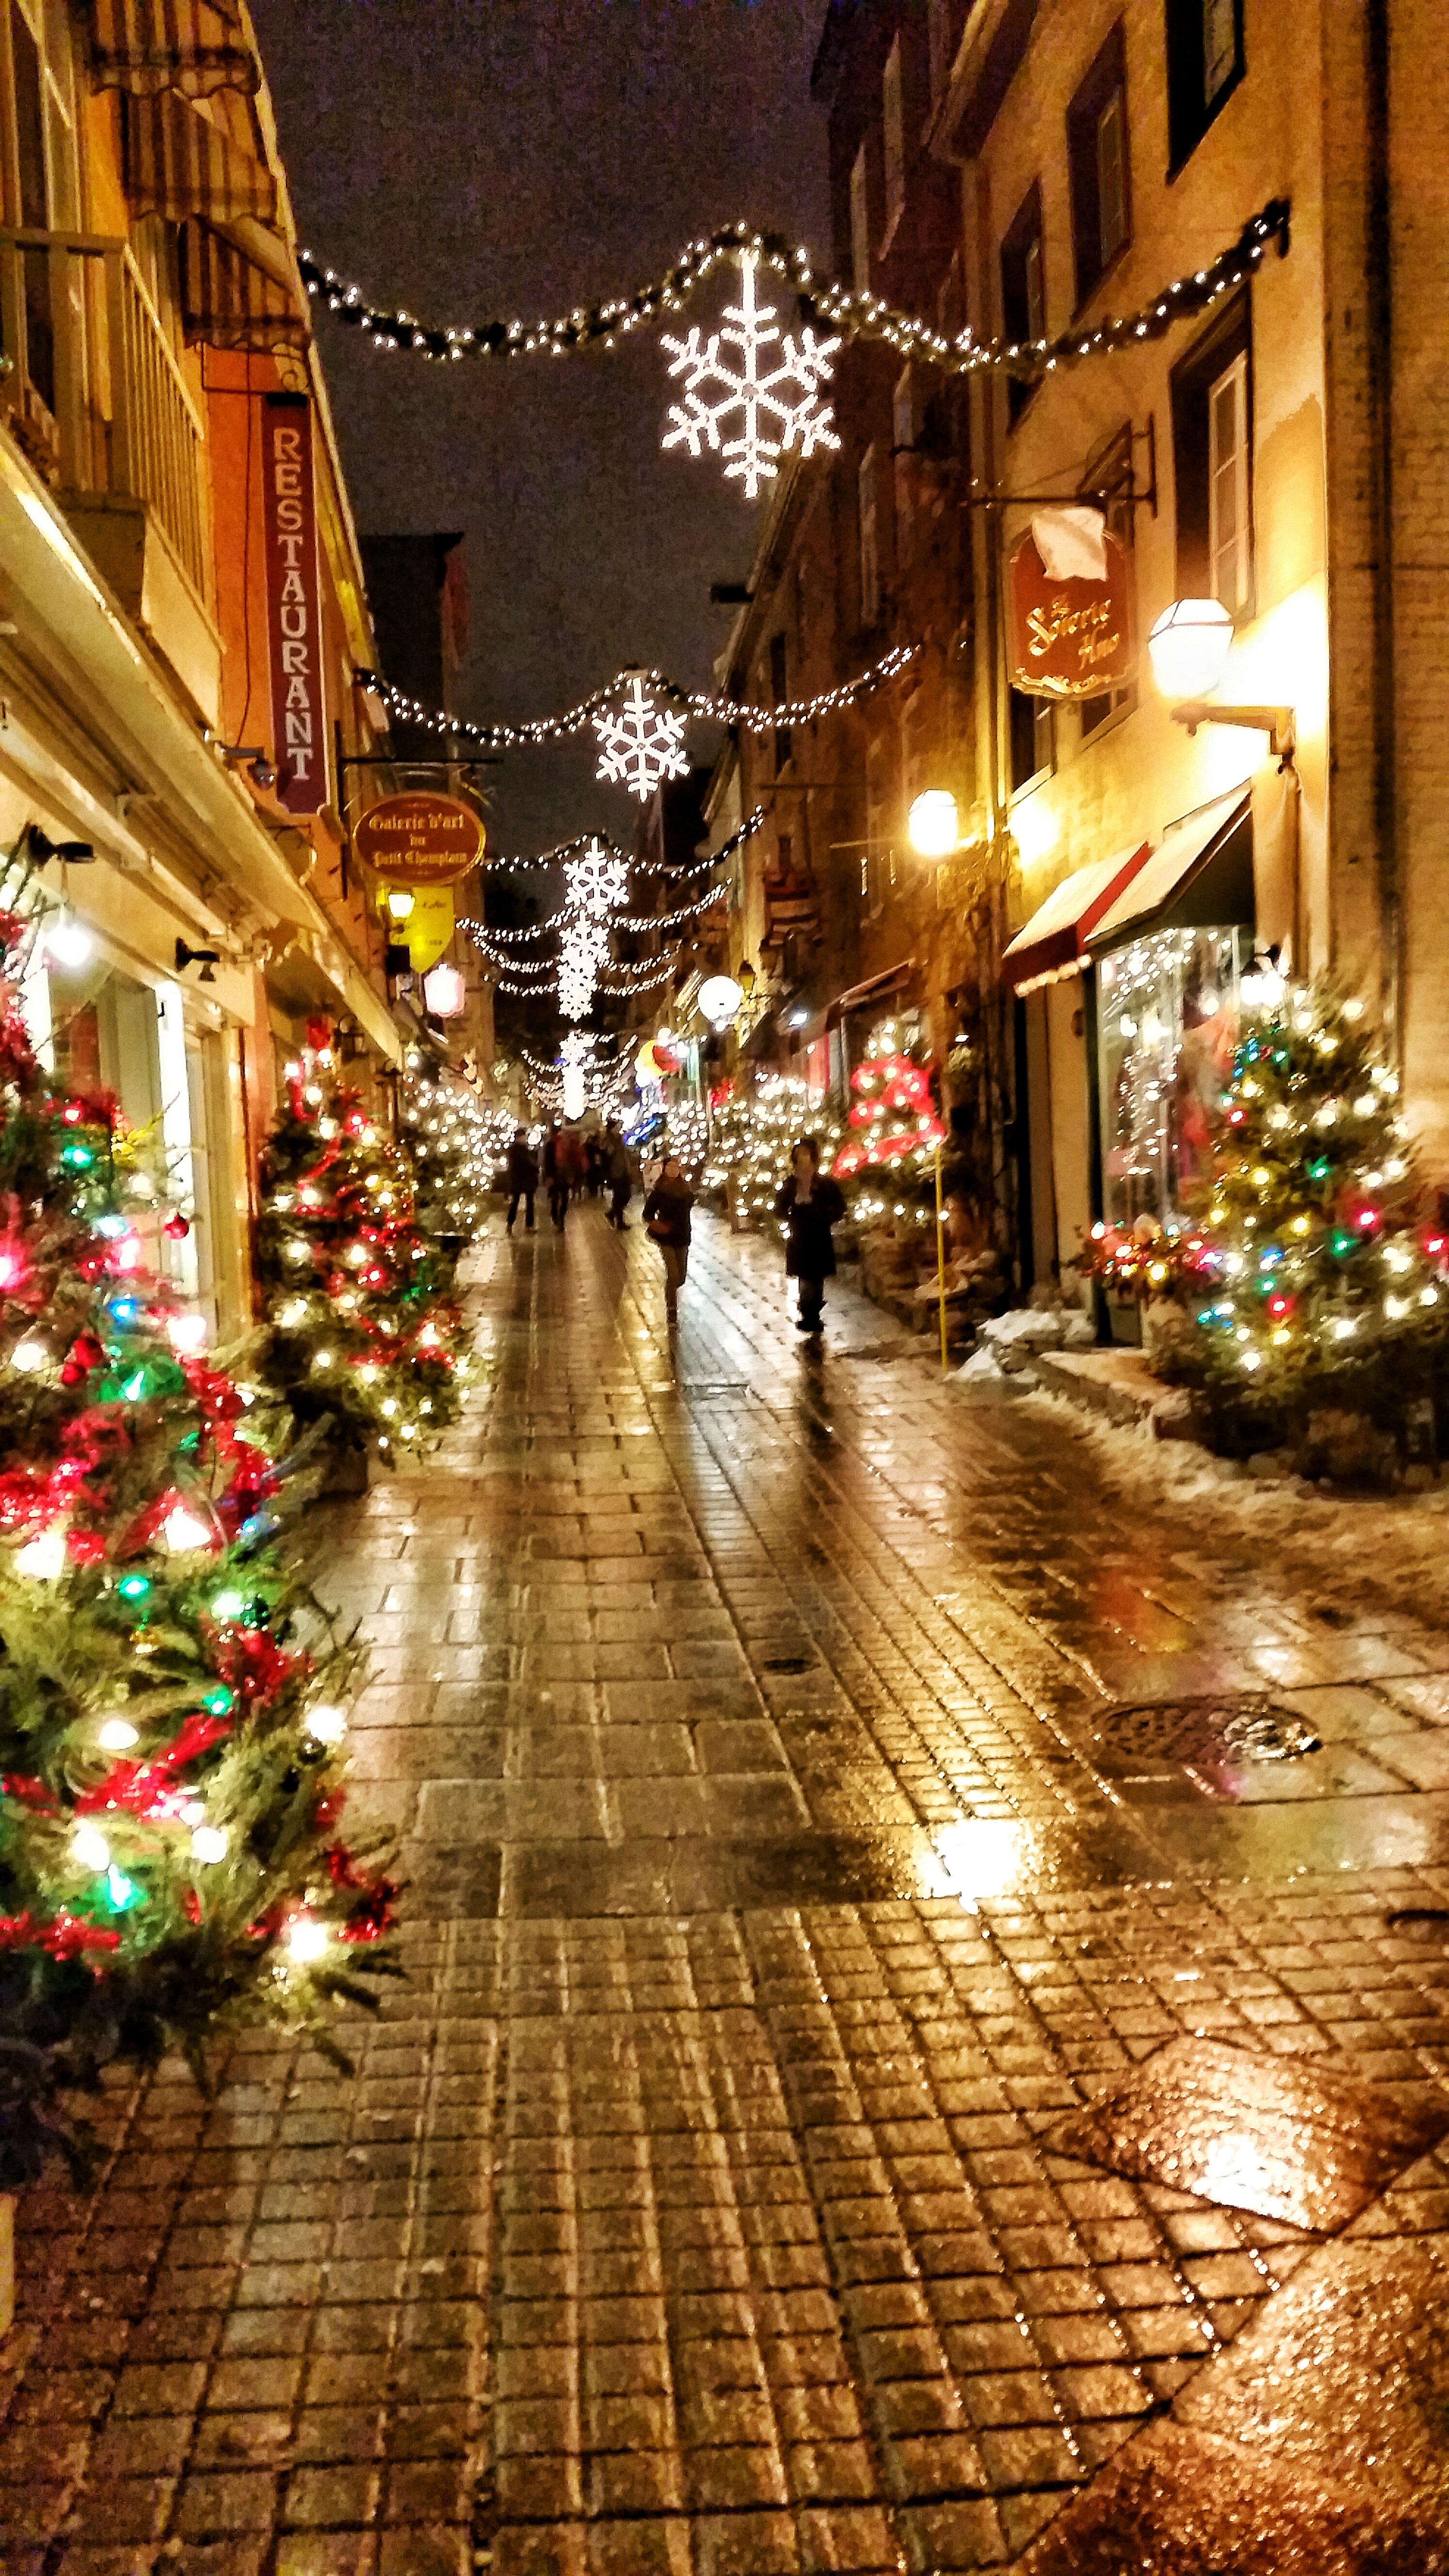 20141223_175146_1 - Quebec City Christmas